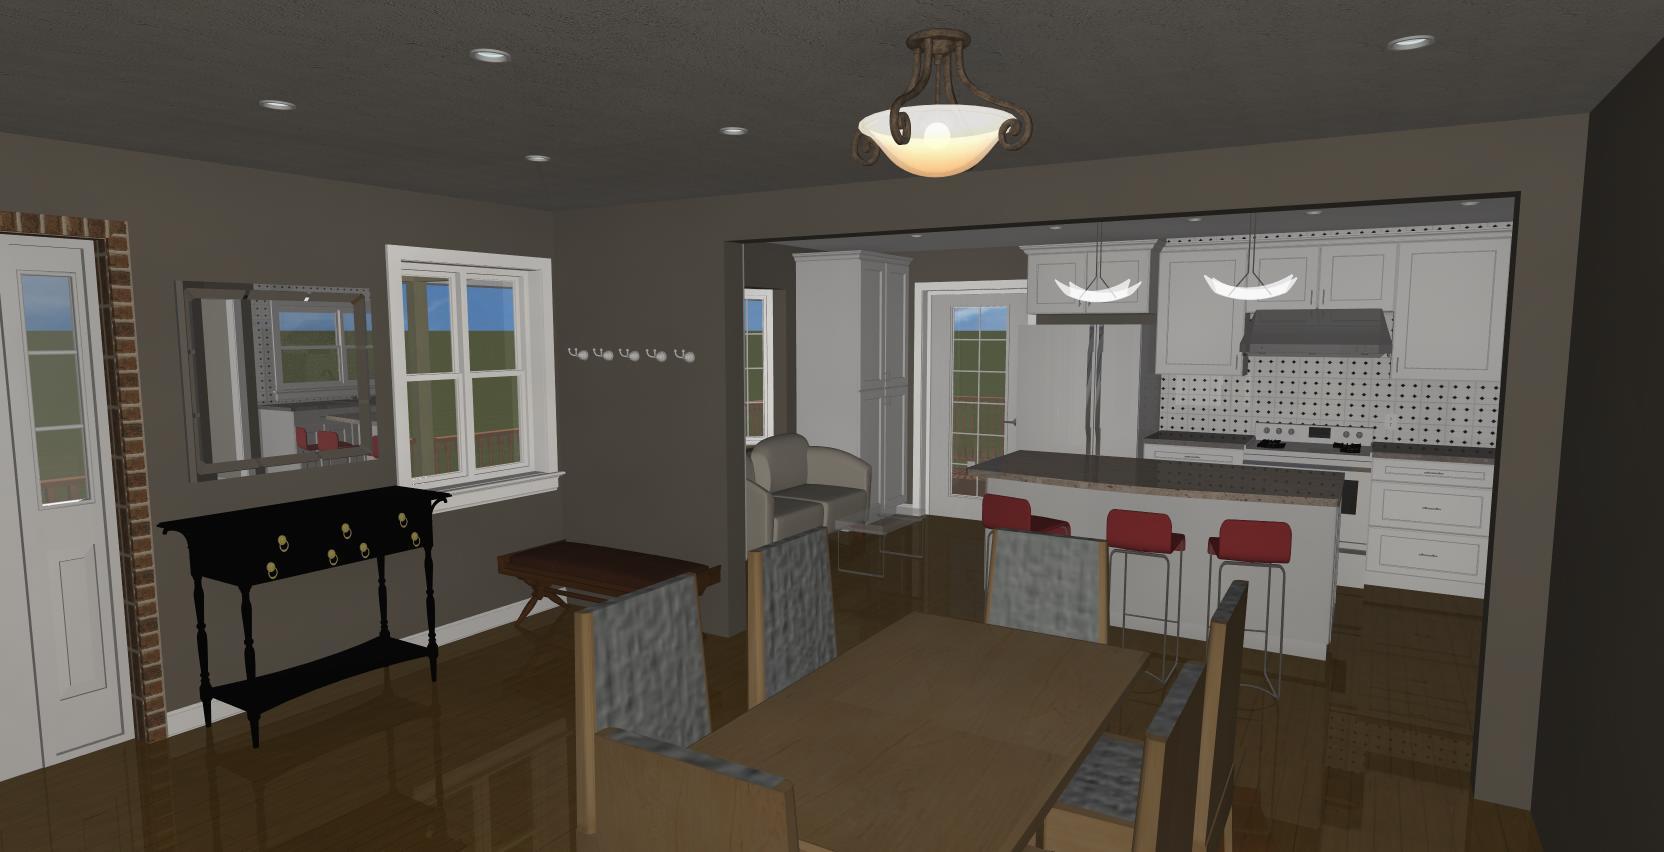 3D design rendering of a kitchen remodel